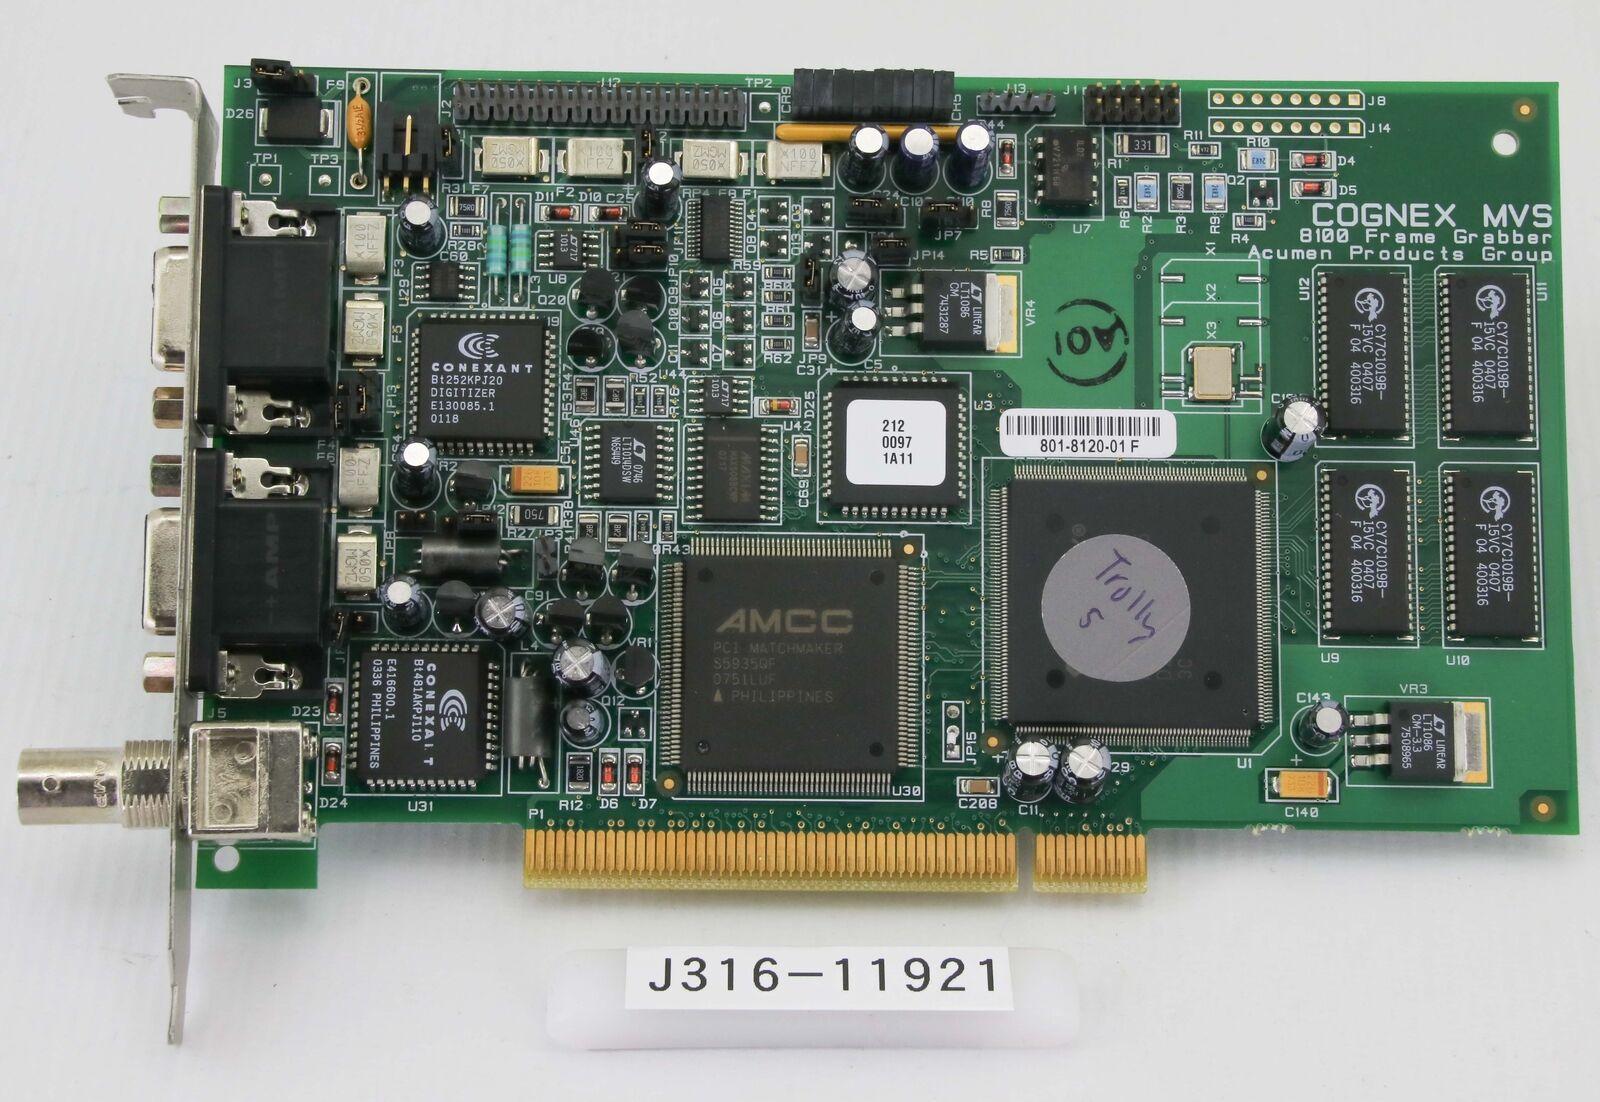 Cognex Mvs-8100 Frame GRABBER 801-8120-01 Machine Vision | eBay